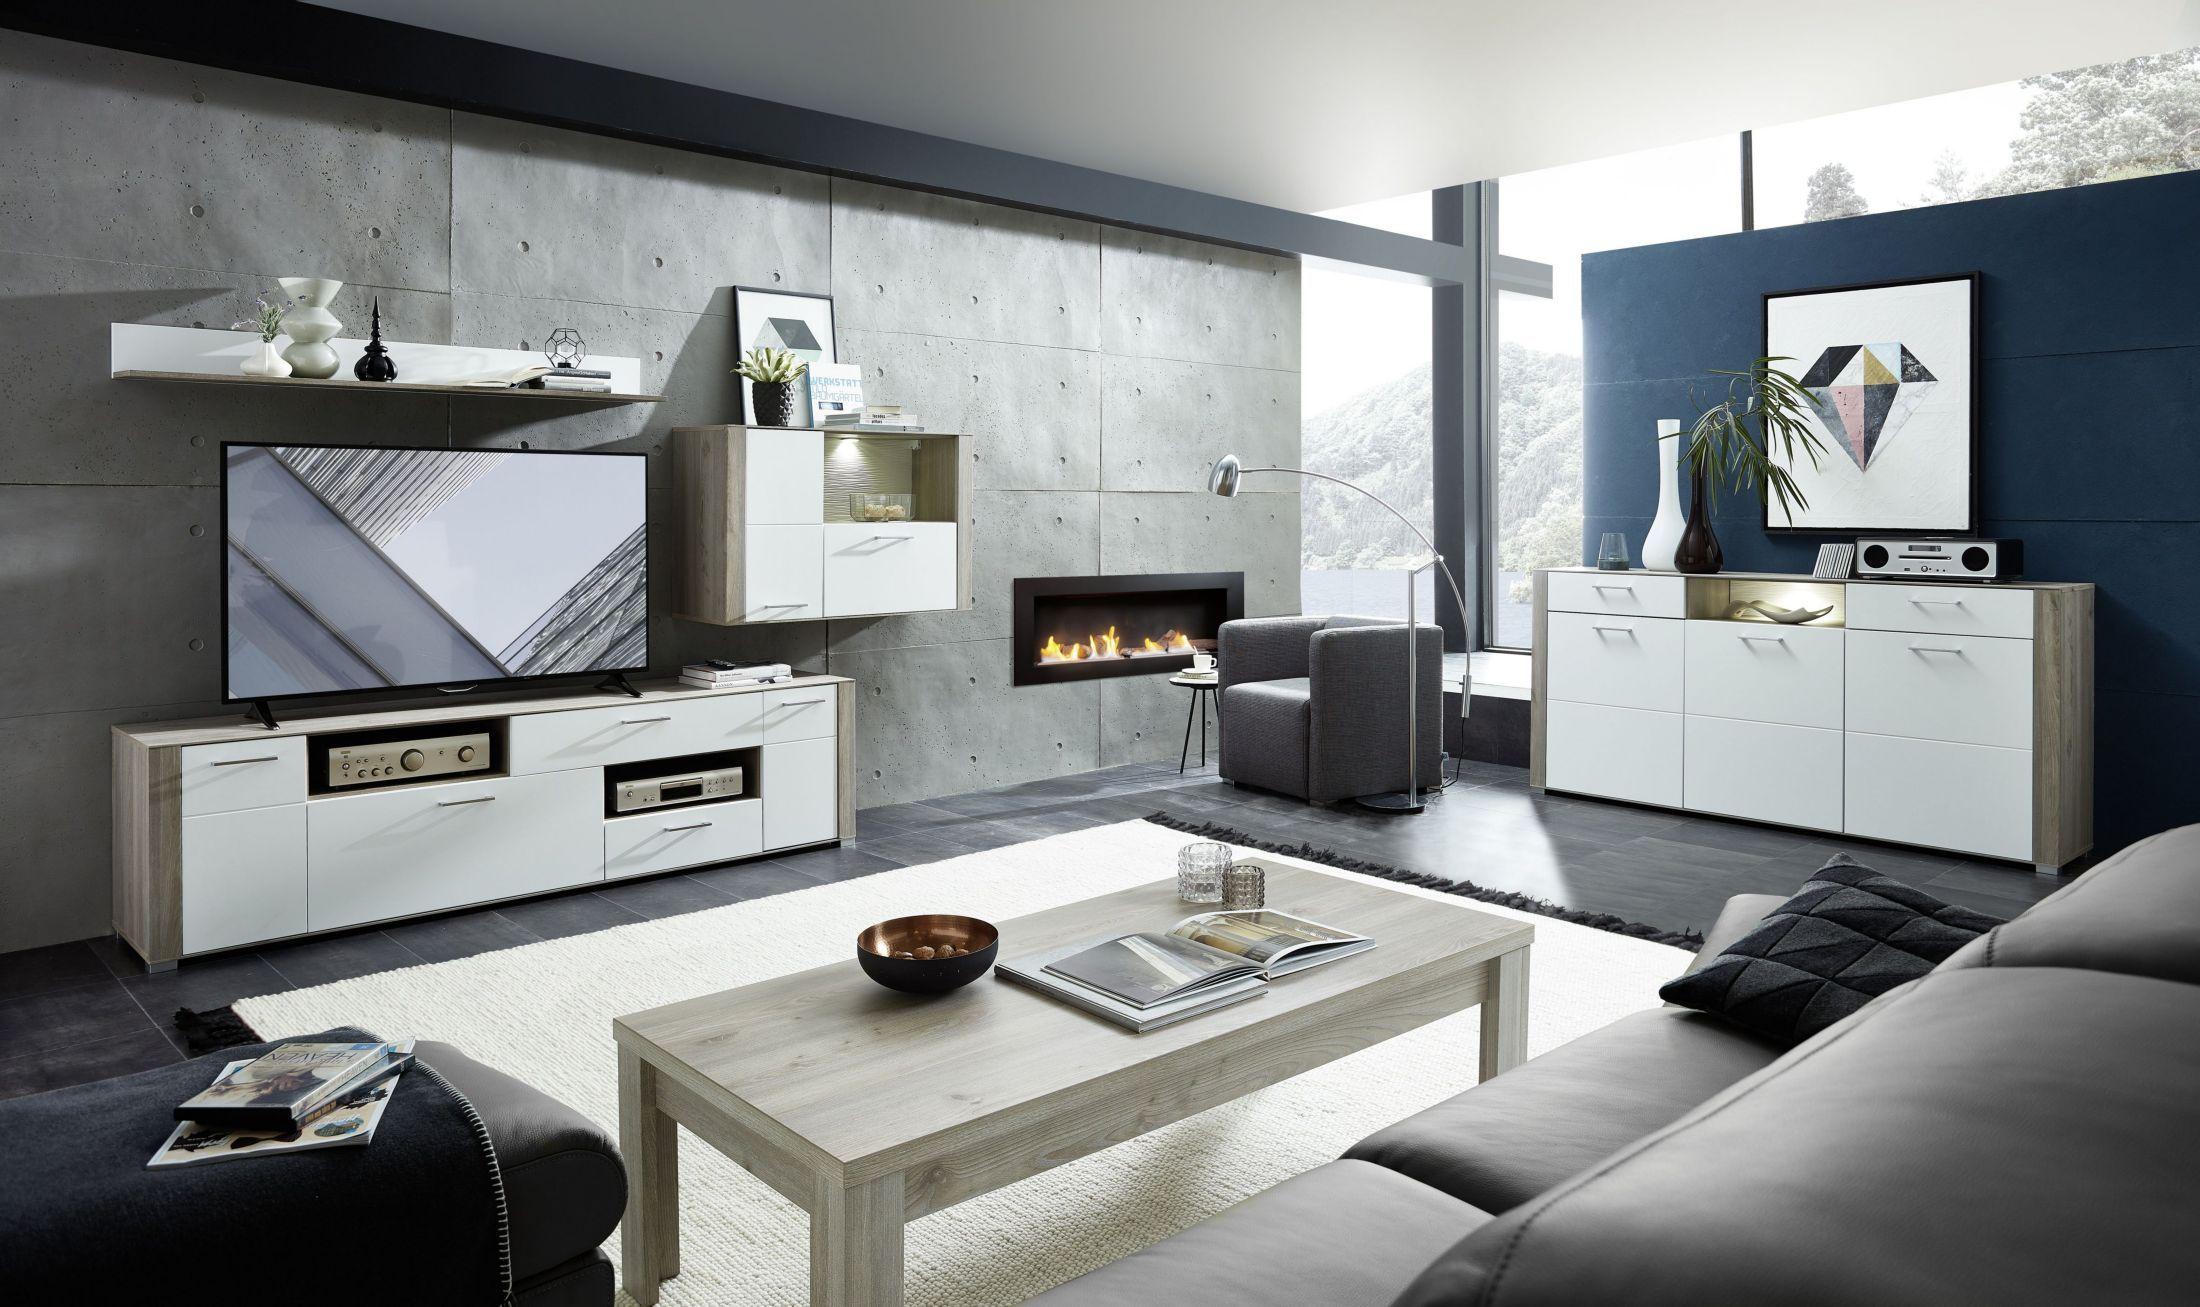 Wandbeleuchtung wohnzimmer ~ Wohnzimmer weiss silbereiche mit sideboard couchtisch und